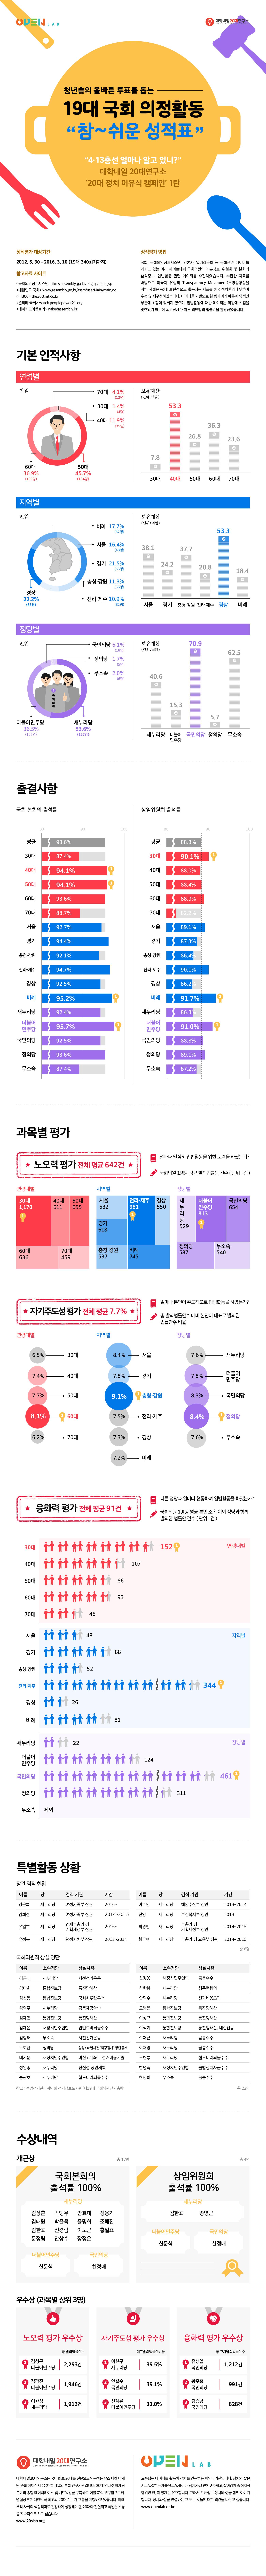 국회의원성적표4최종